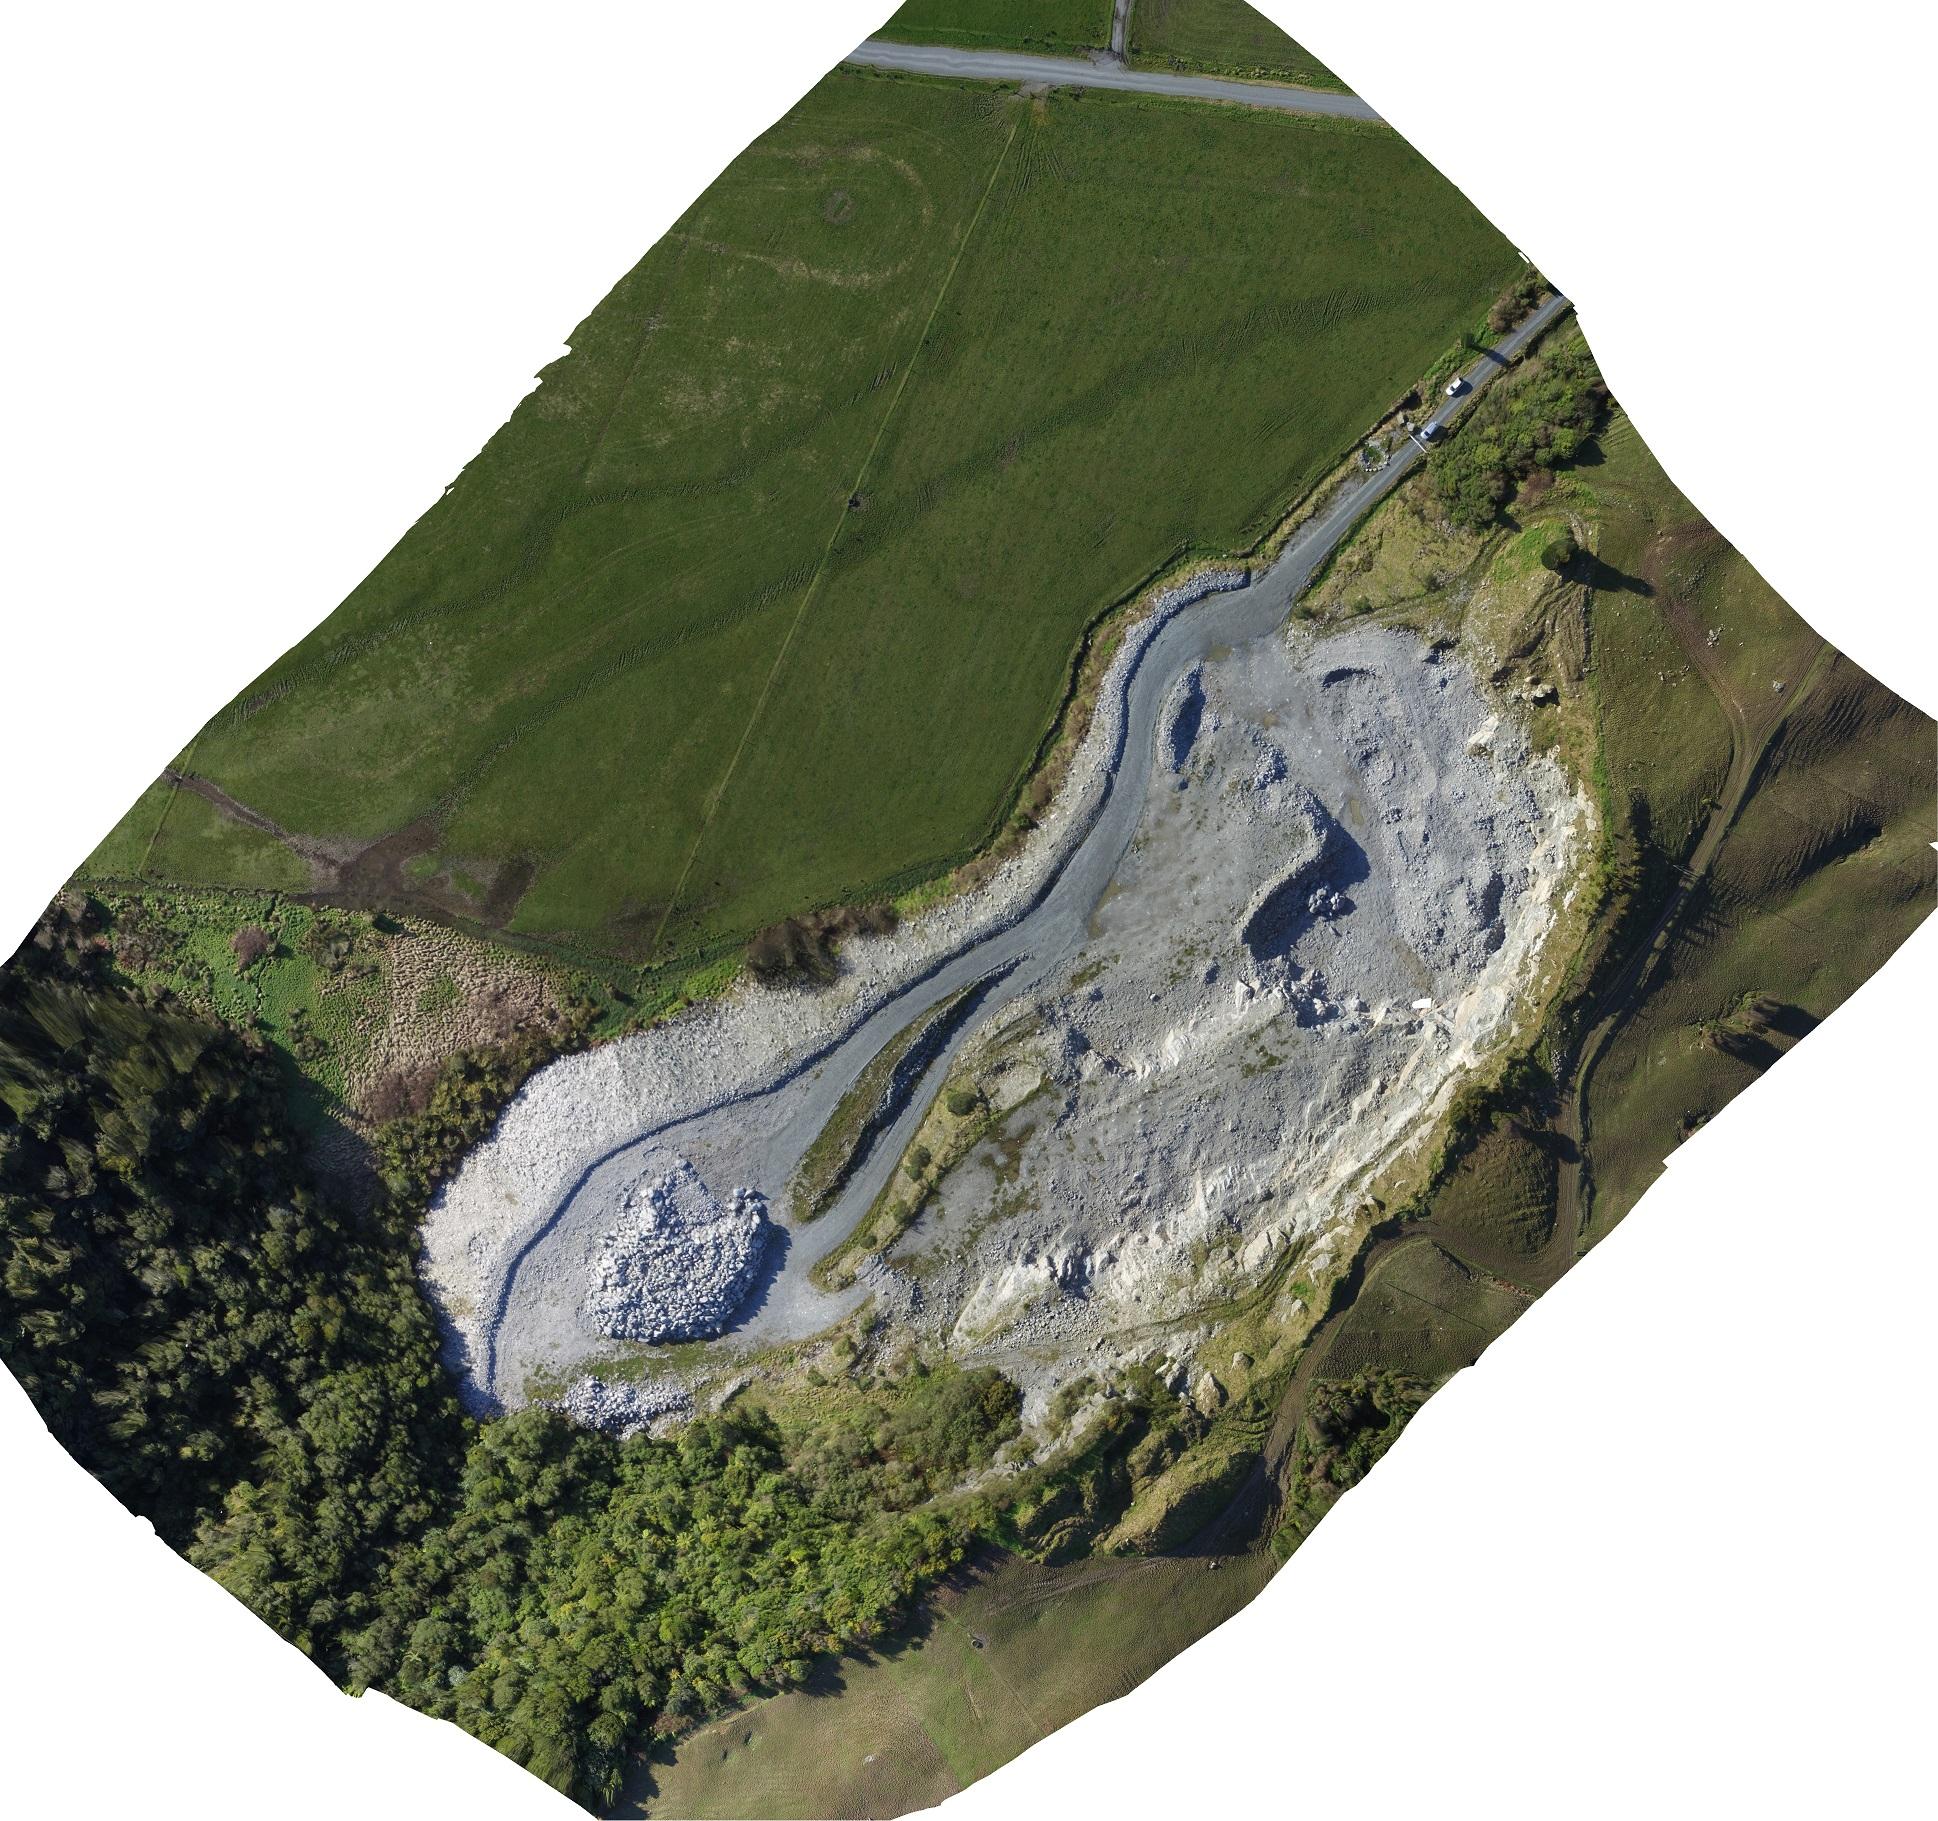 Orthorectified Photo of the Camelback Quarry